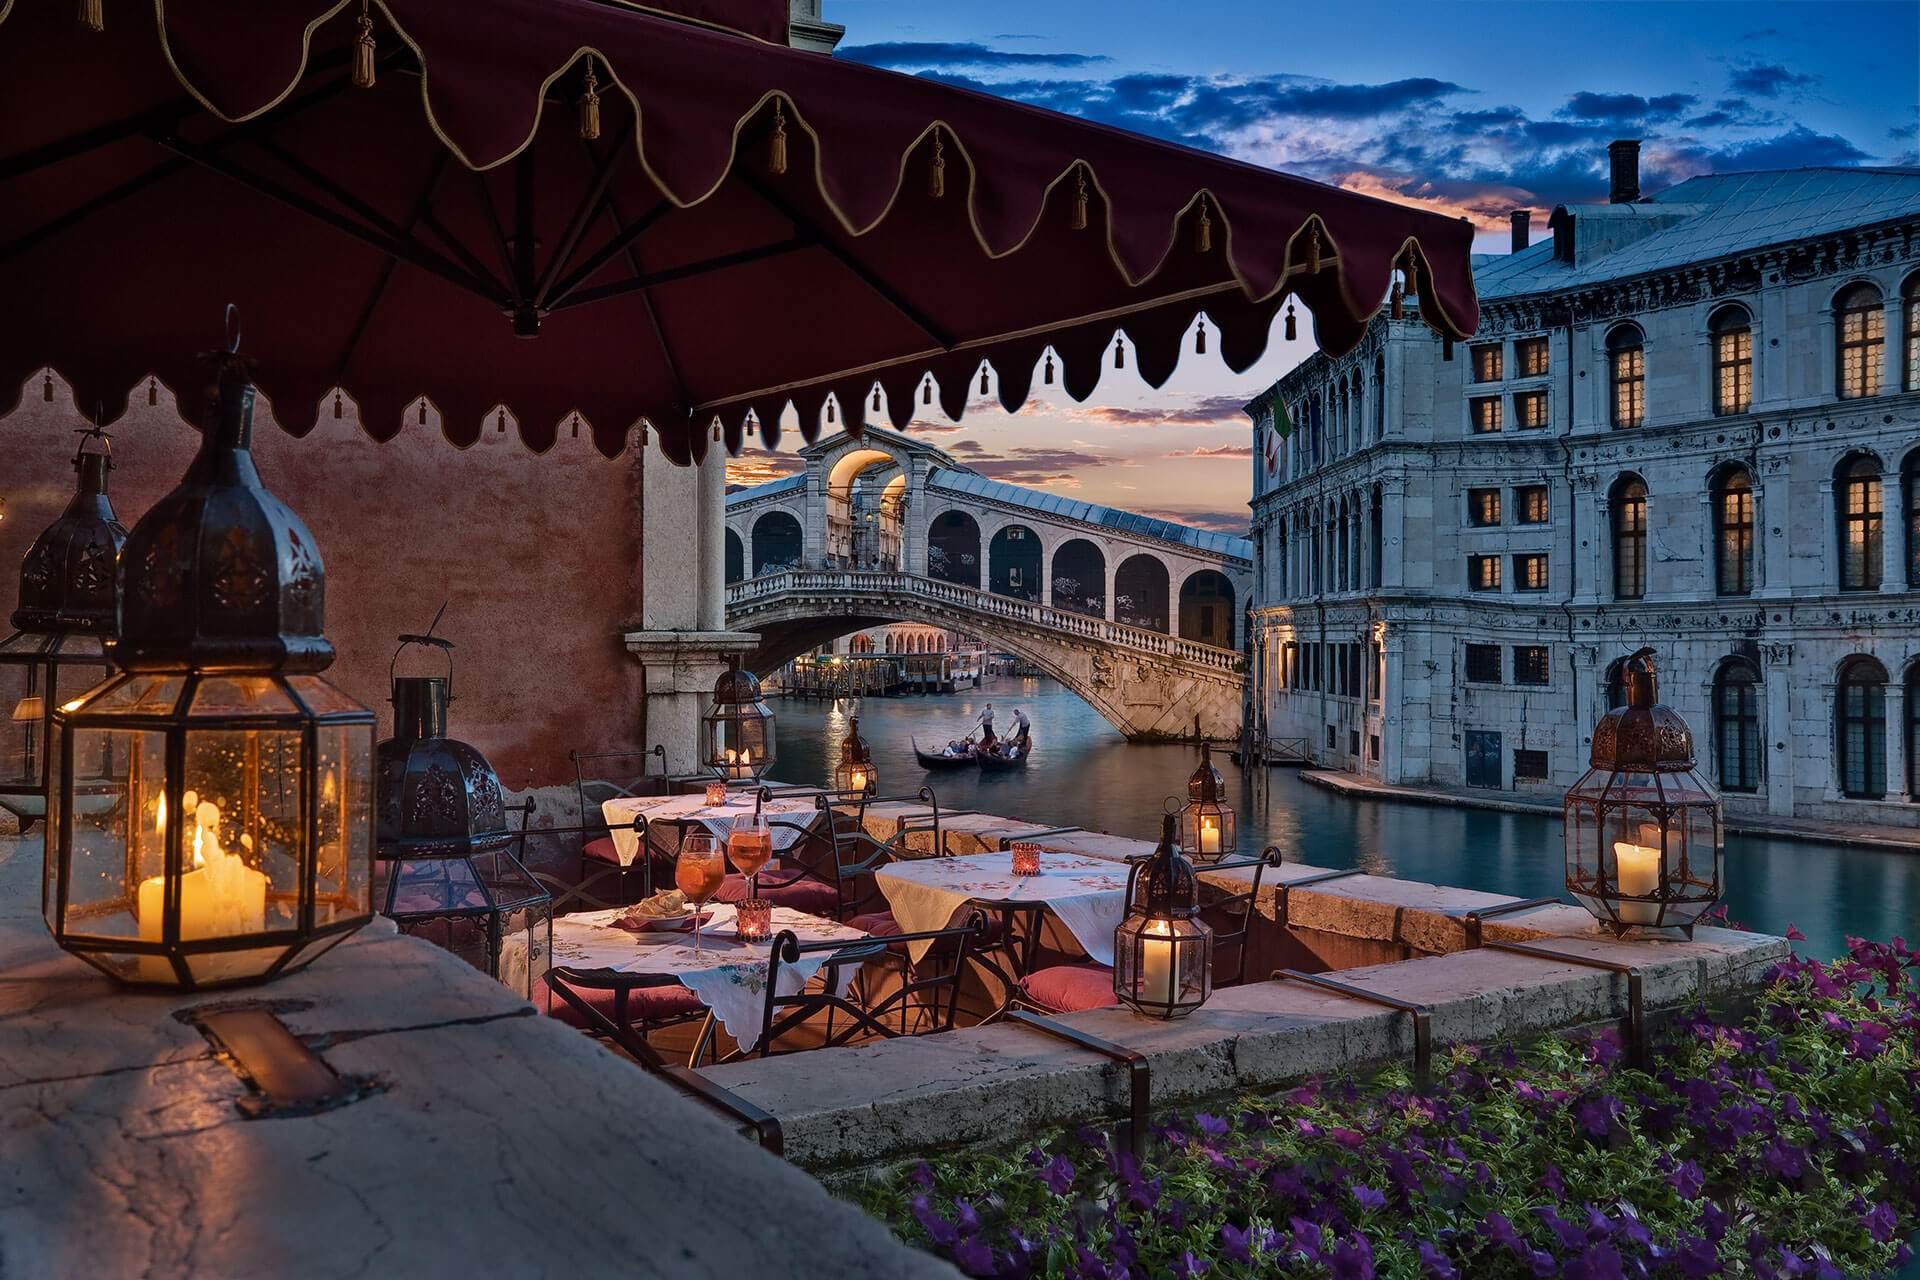 Anniversario Di Matrimonio A Venezia.Il Palazzo Hotel Al Ponte Antico Venezia